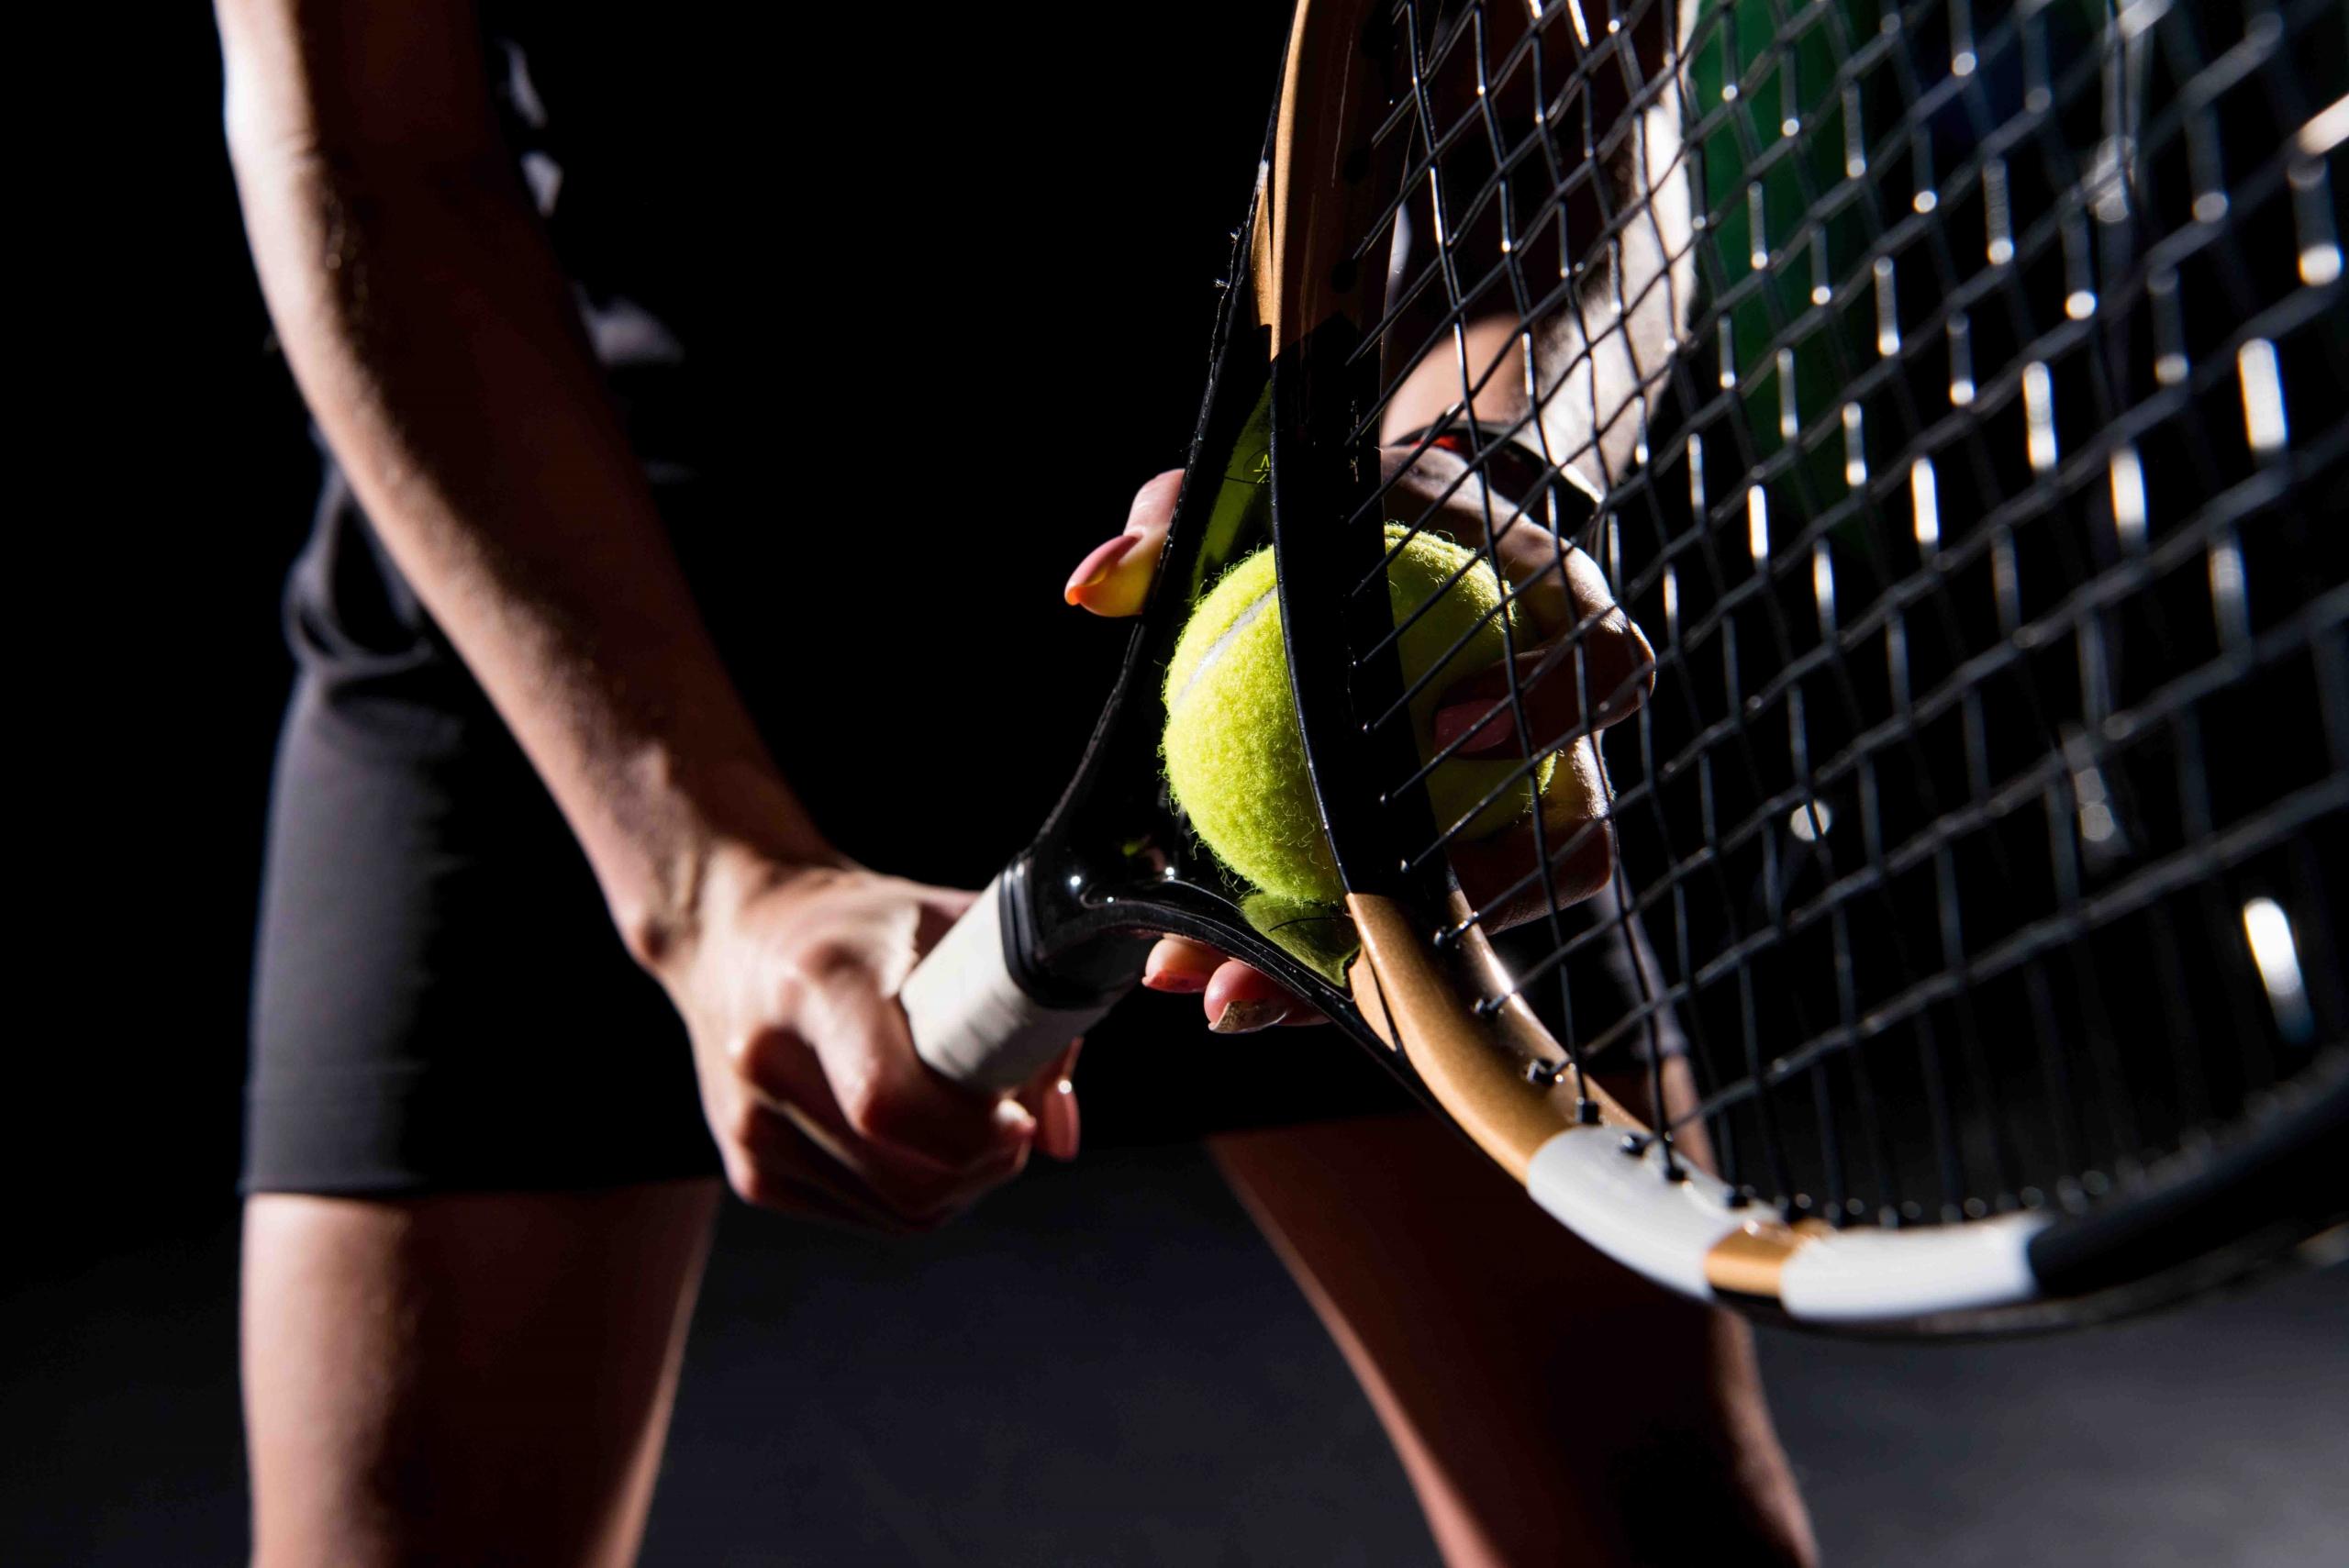 tenis-sola-tenis-harmonija-menges